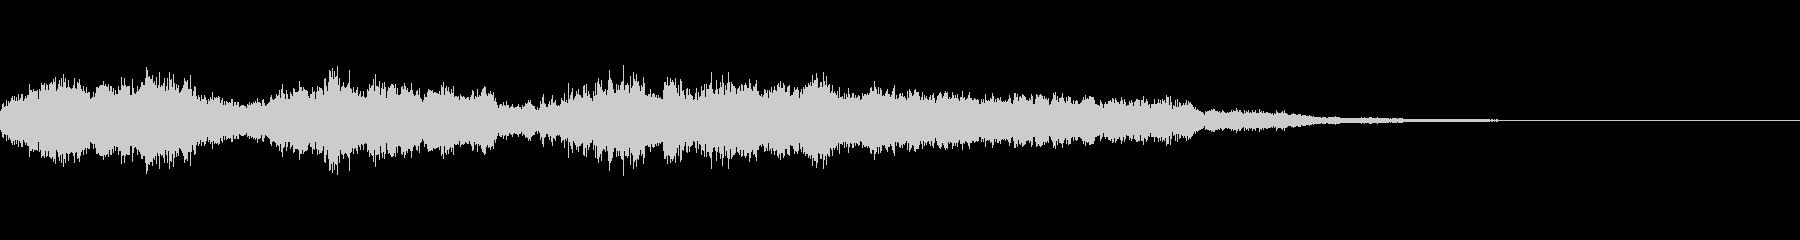 上昇音によるサウンドロゴの未再生の波形